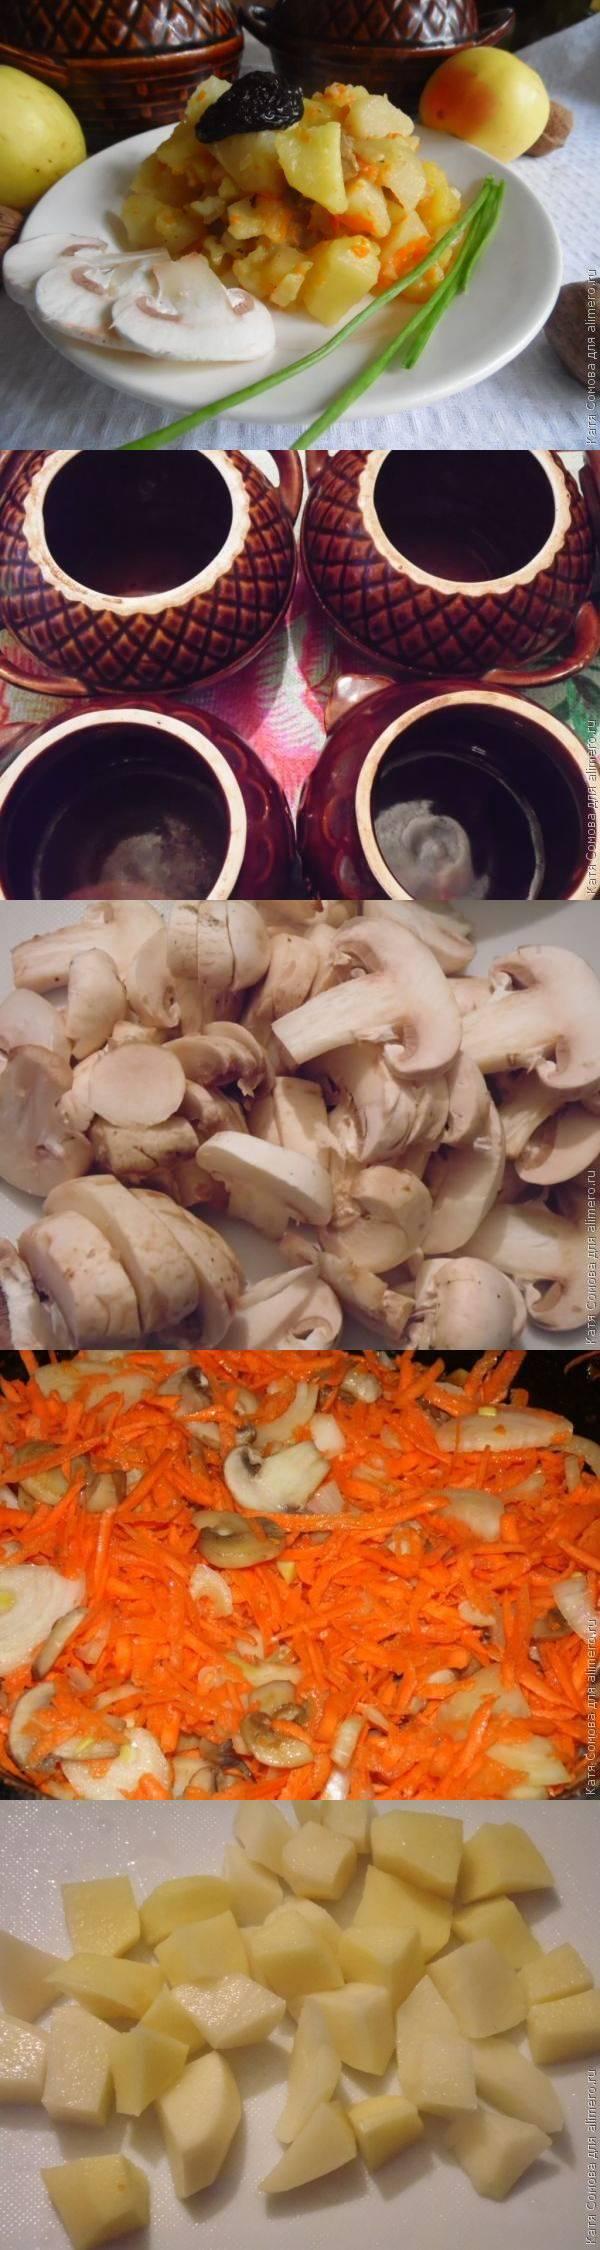 Картофель с грибами и черносливом в горшочке